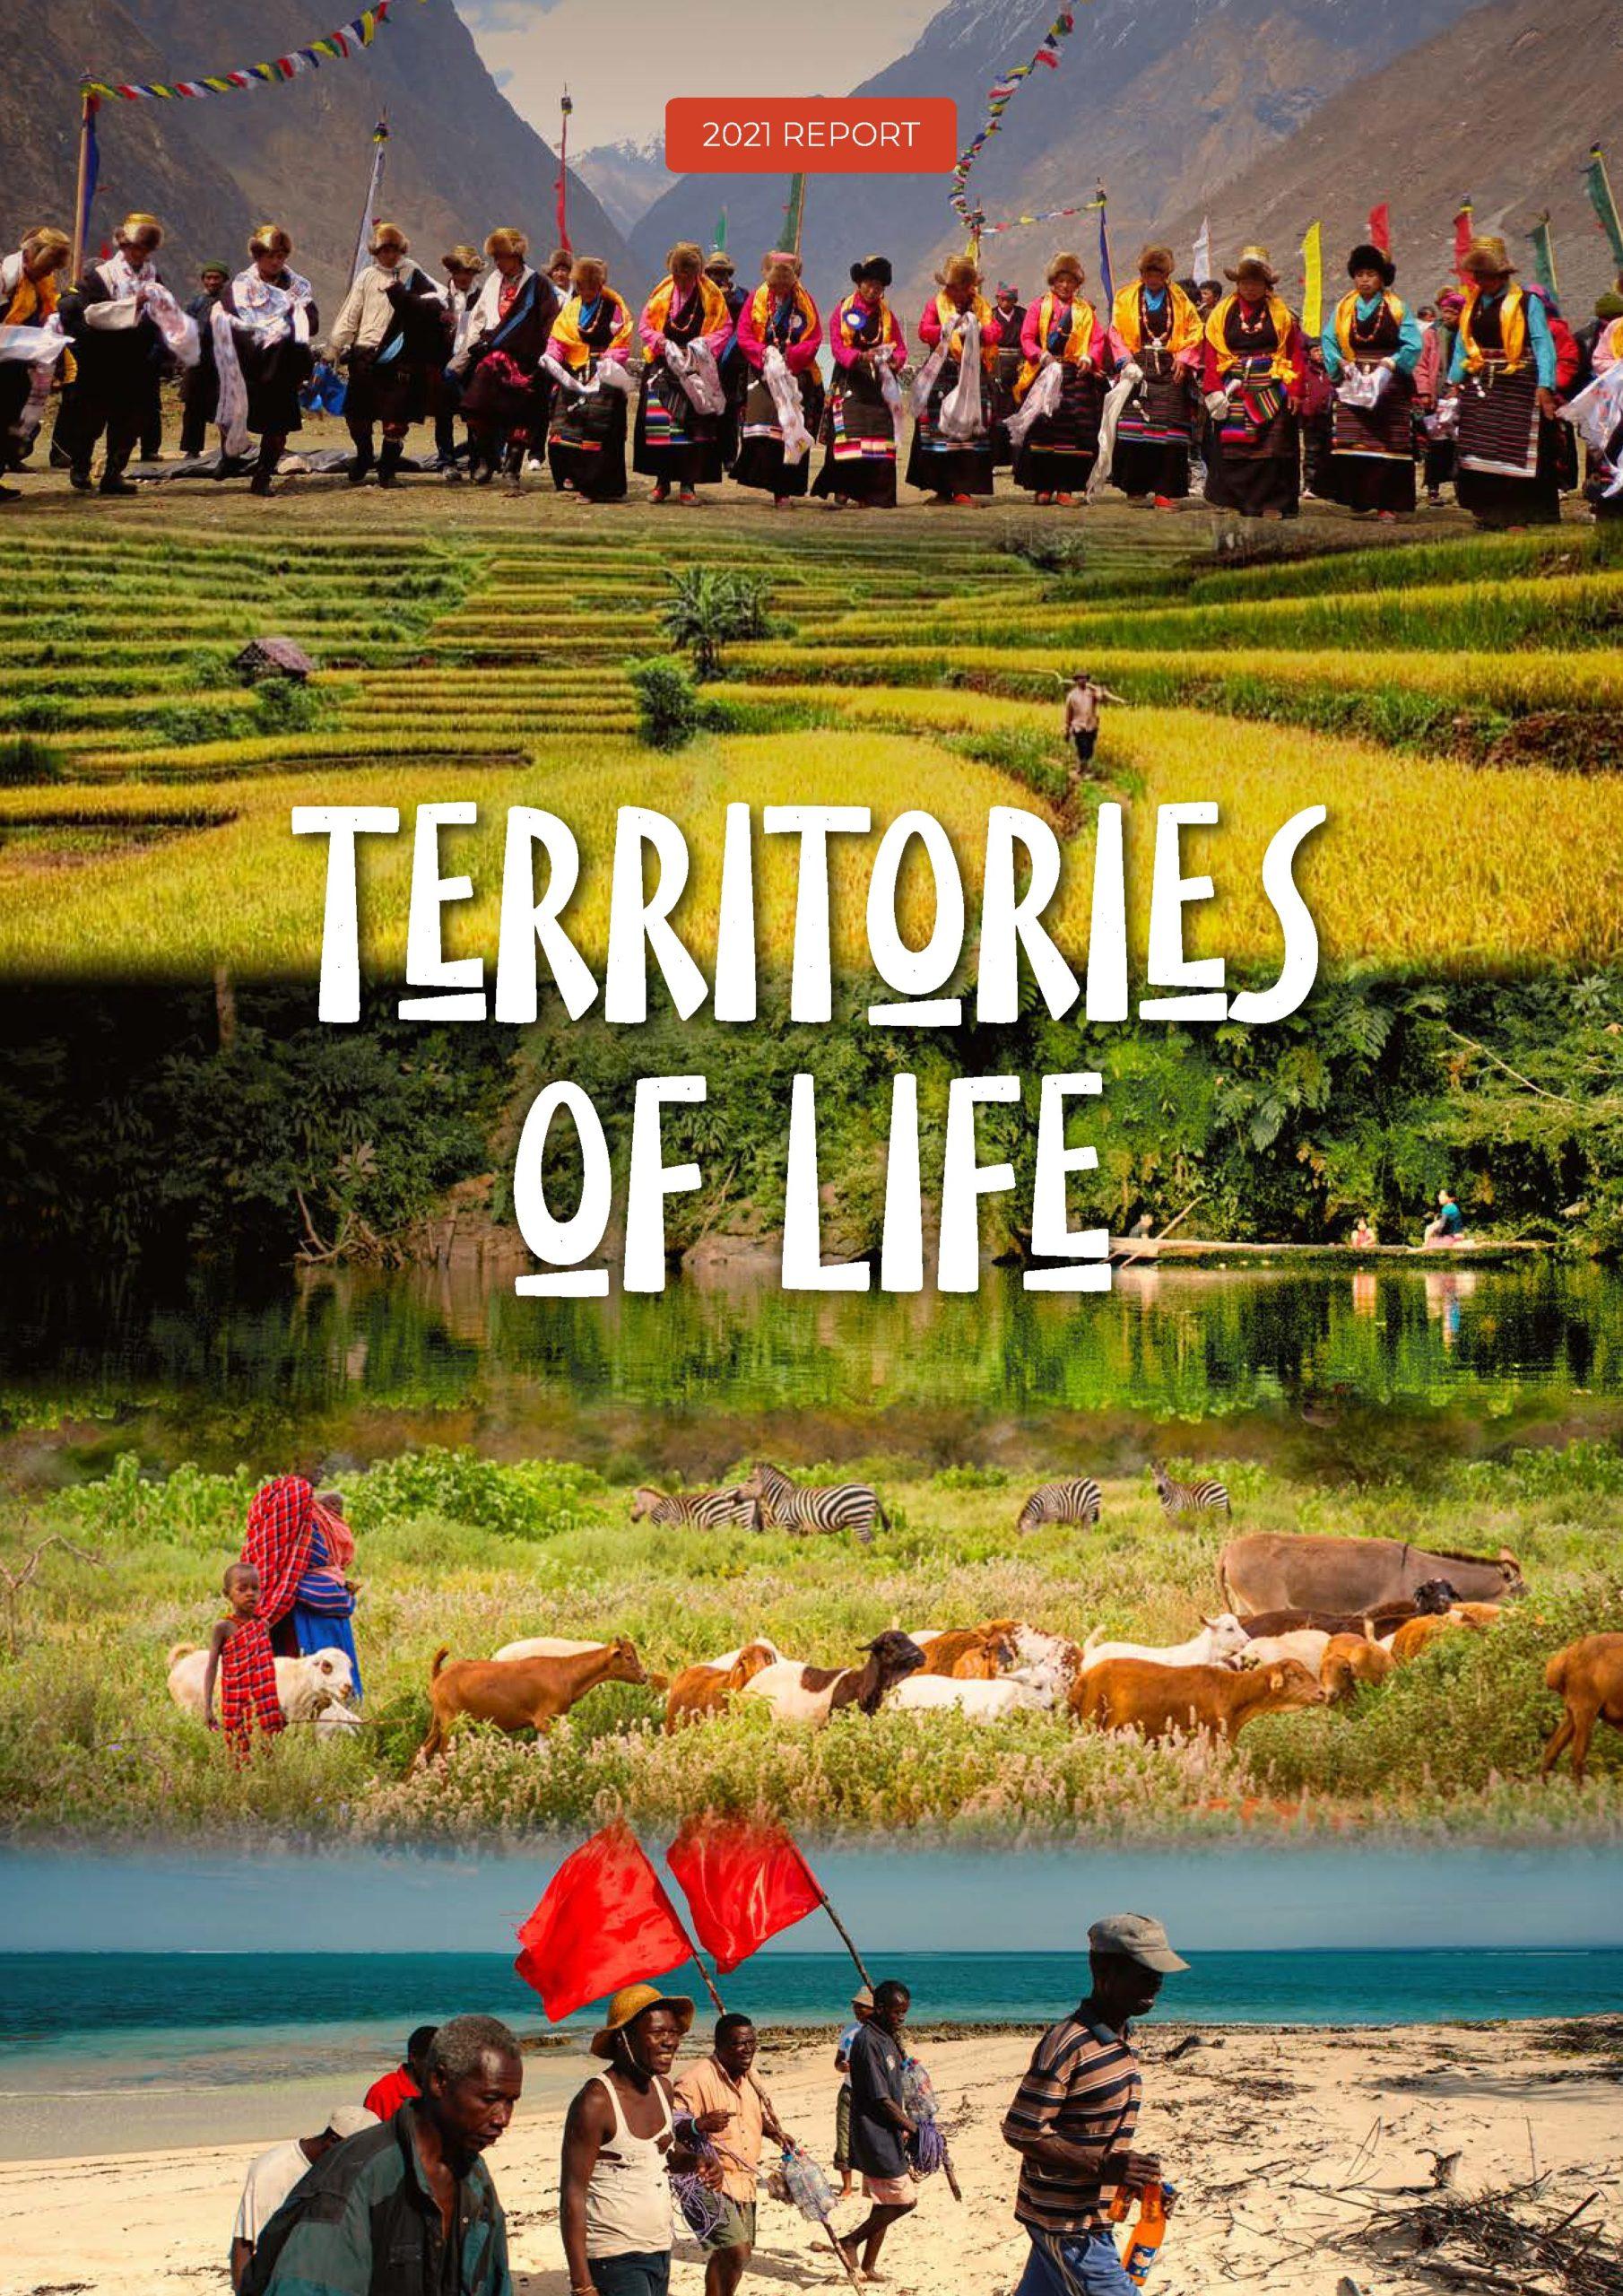 Le Consortium APAC lance un nouveau rapport majeur sur les territoires de vie